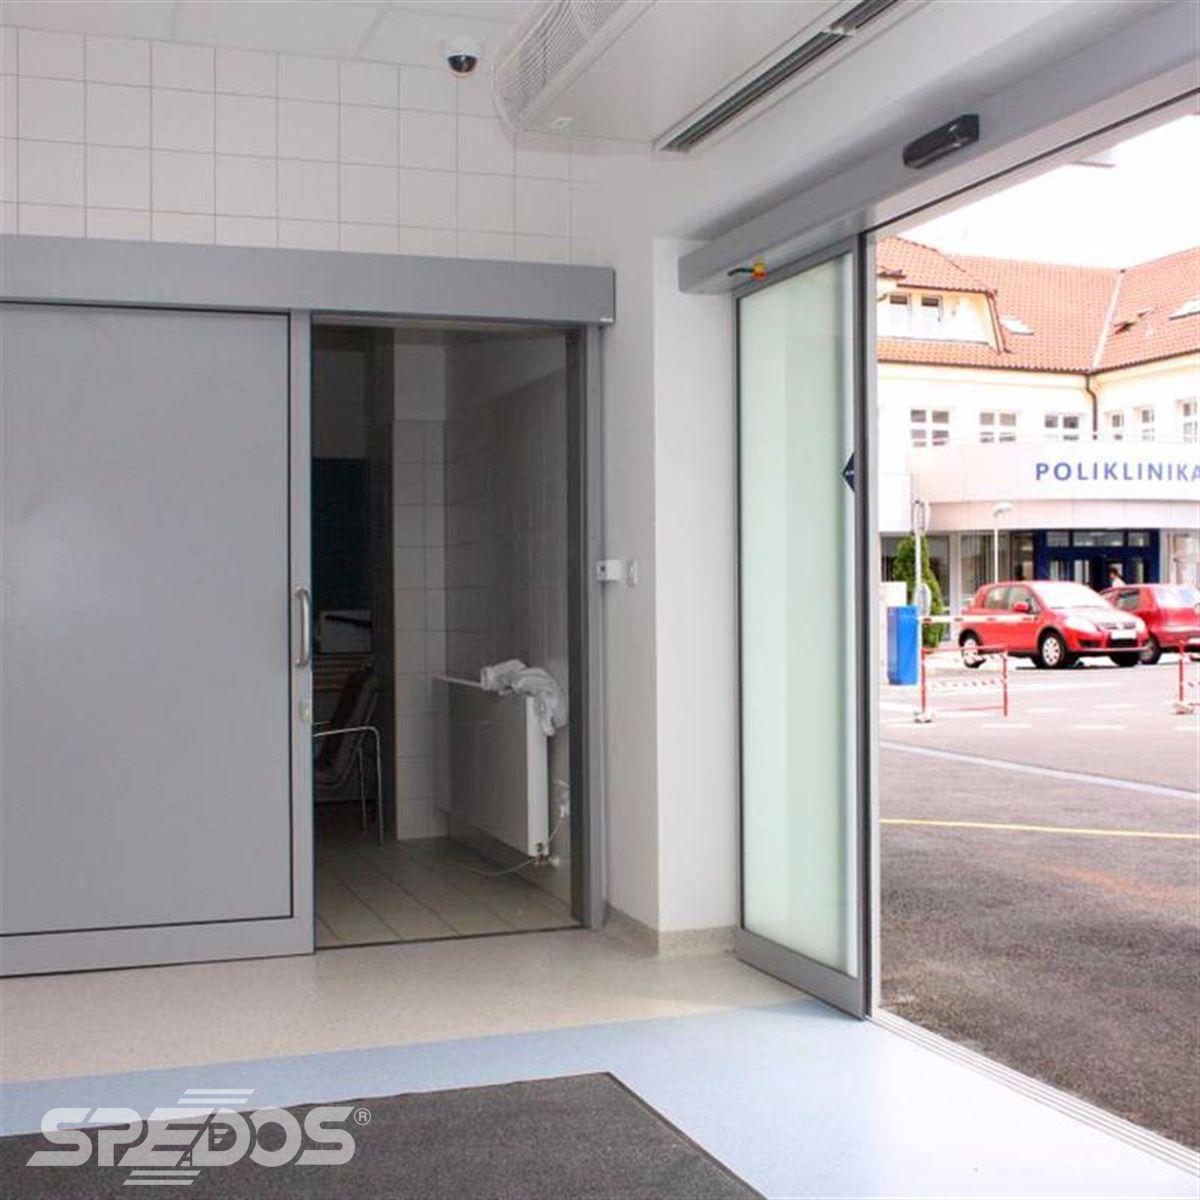 Jednokřídlé automatické posuvné dveře pro nemocnici sv. Michala 6